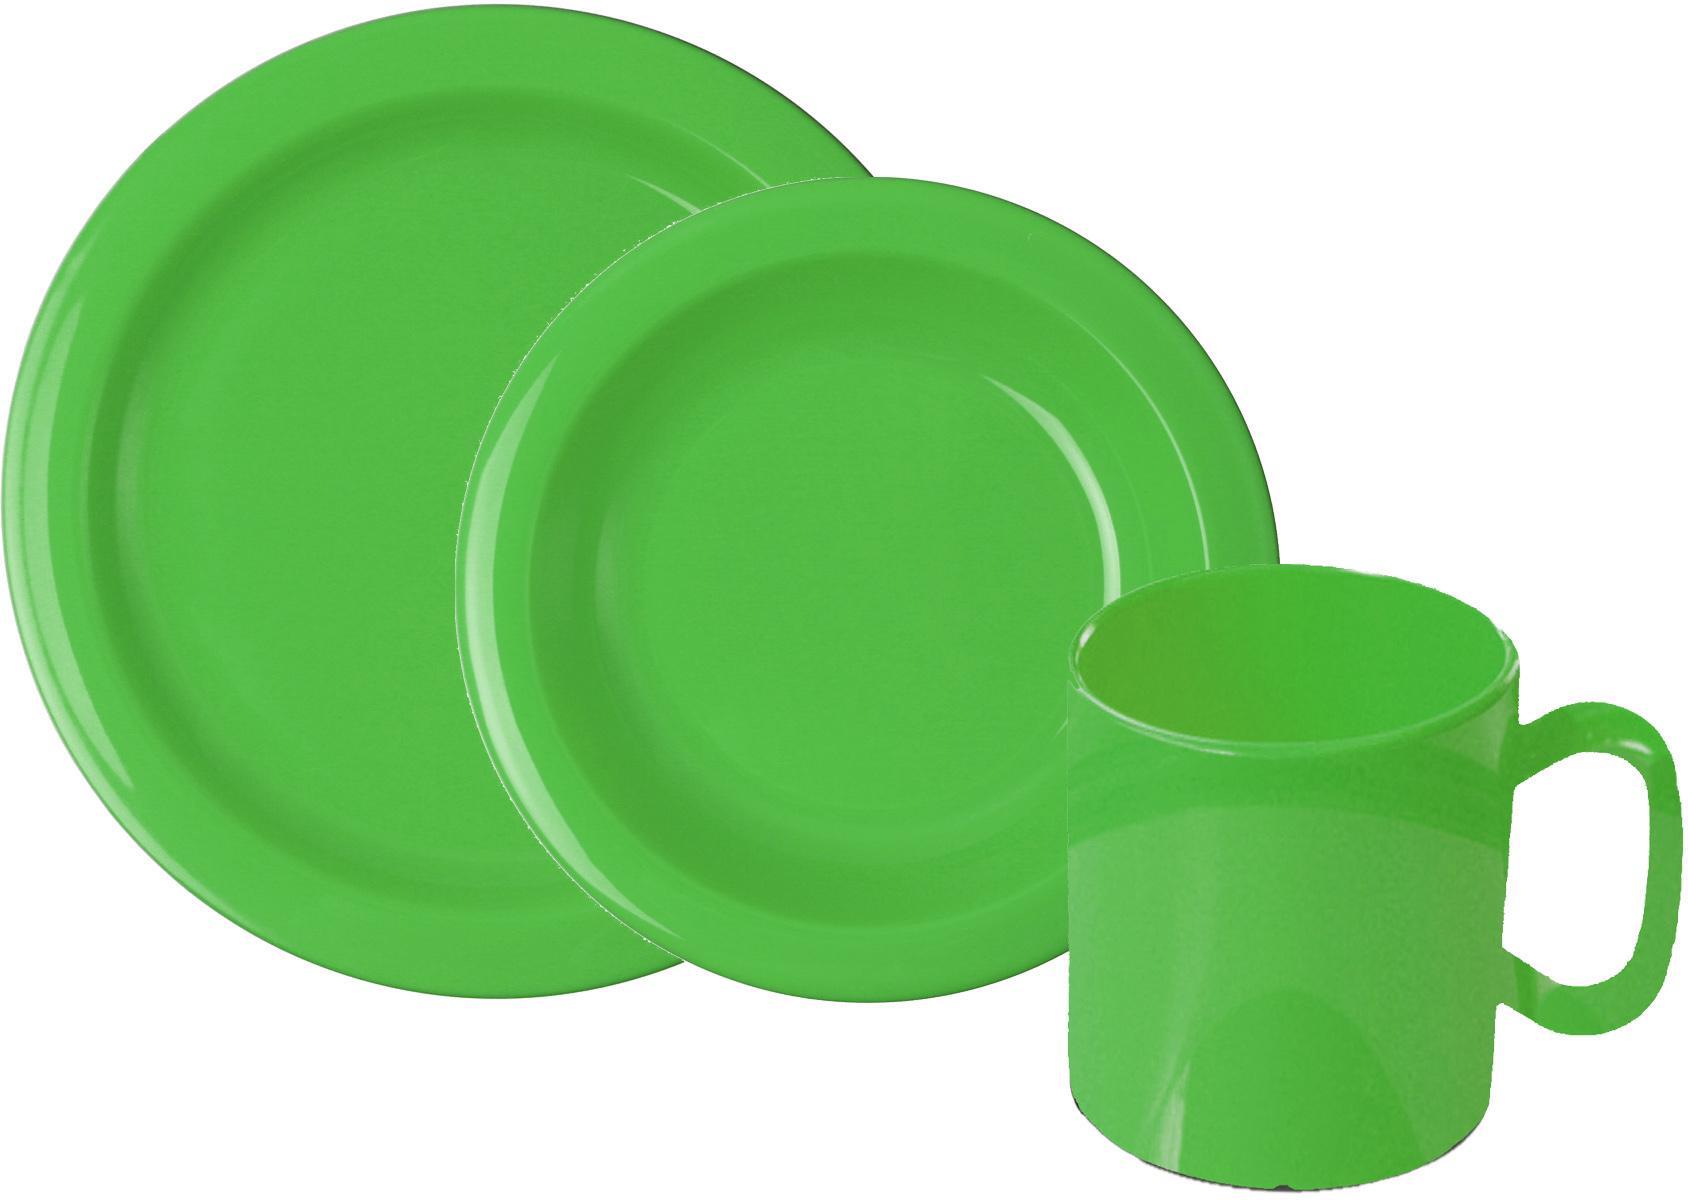 WACA Frühstücks-Set, (Set, 6 tlg.) grün Frühstücksset Eierbecher Geschirr, Porzellan Tischaccessoires Haushaltswaren Frühstücks-Set